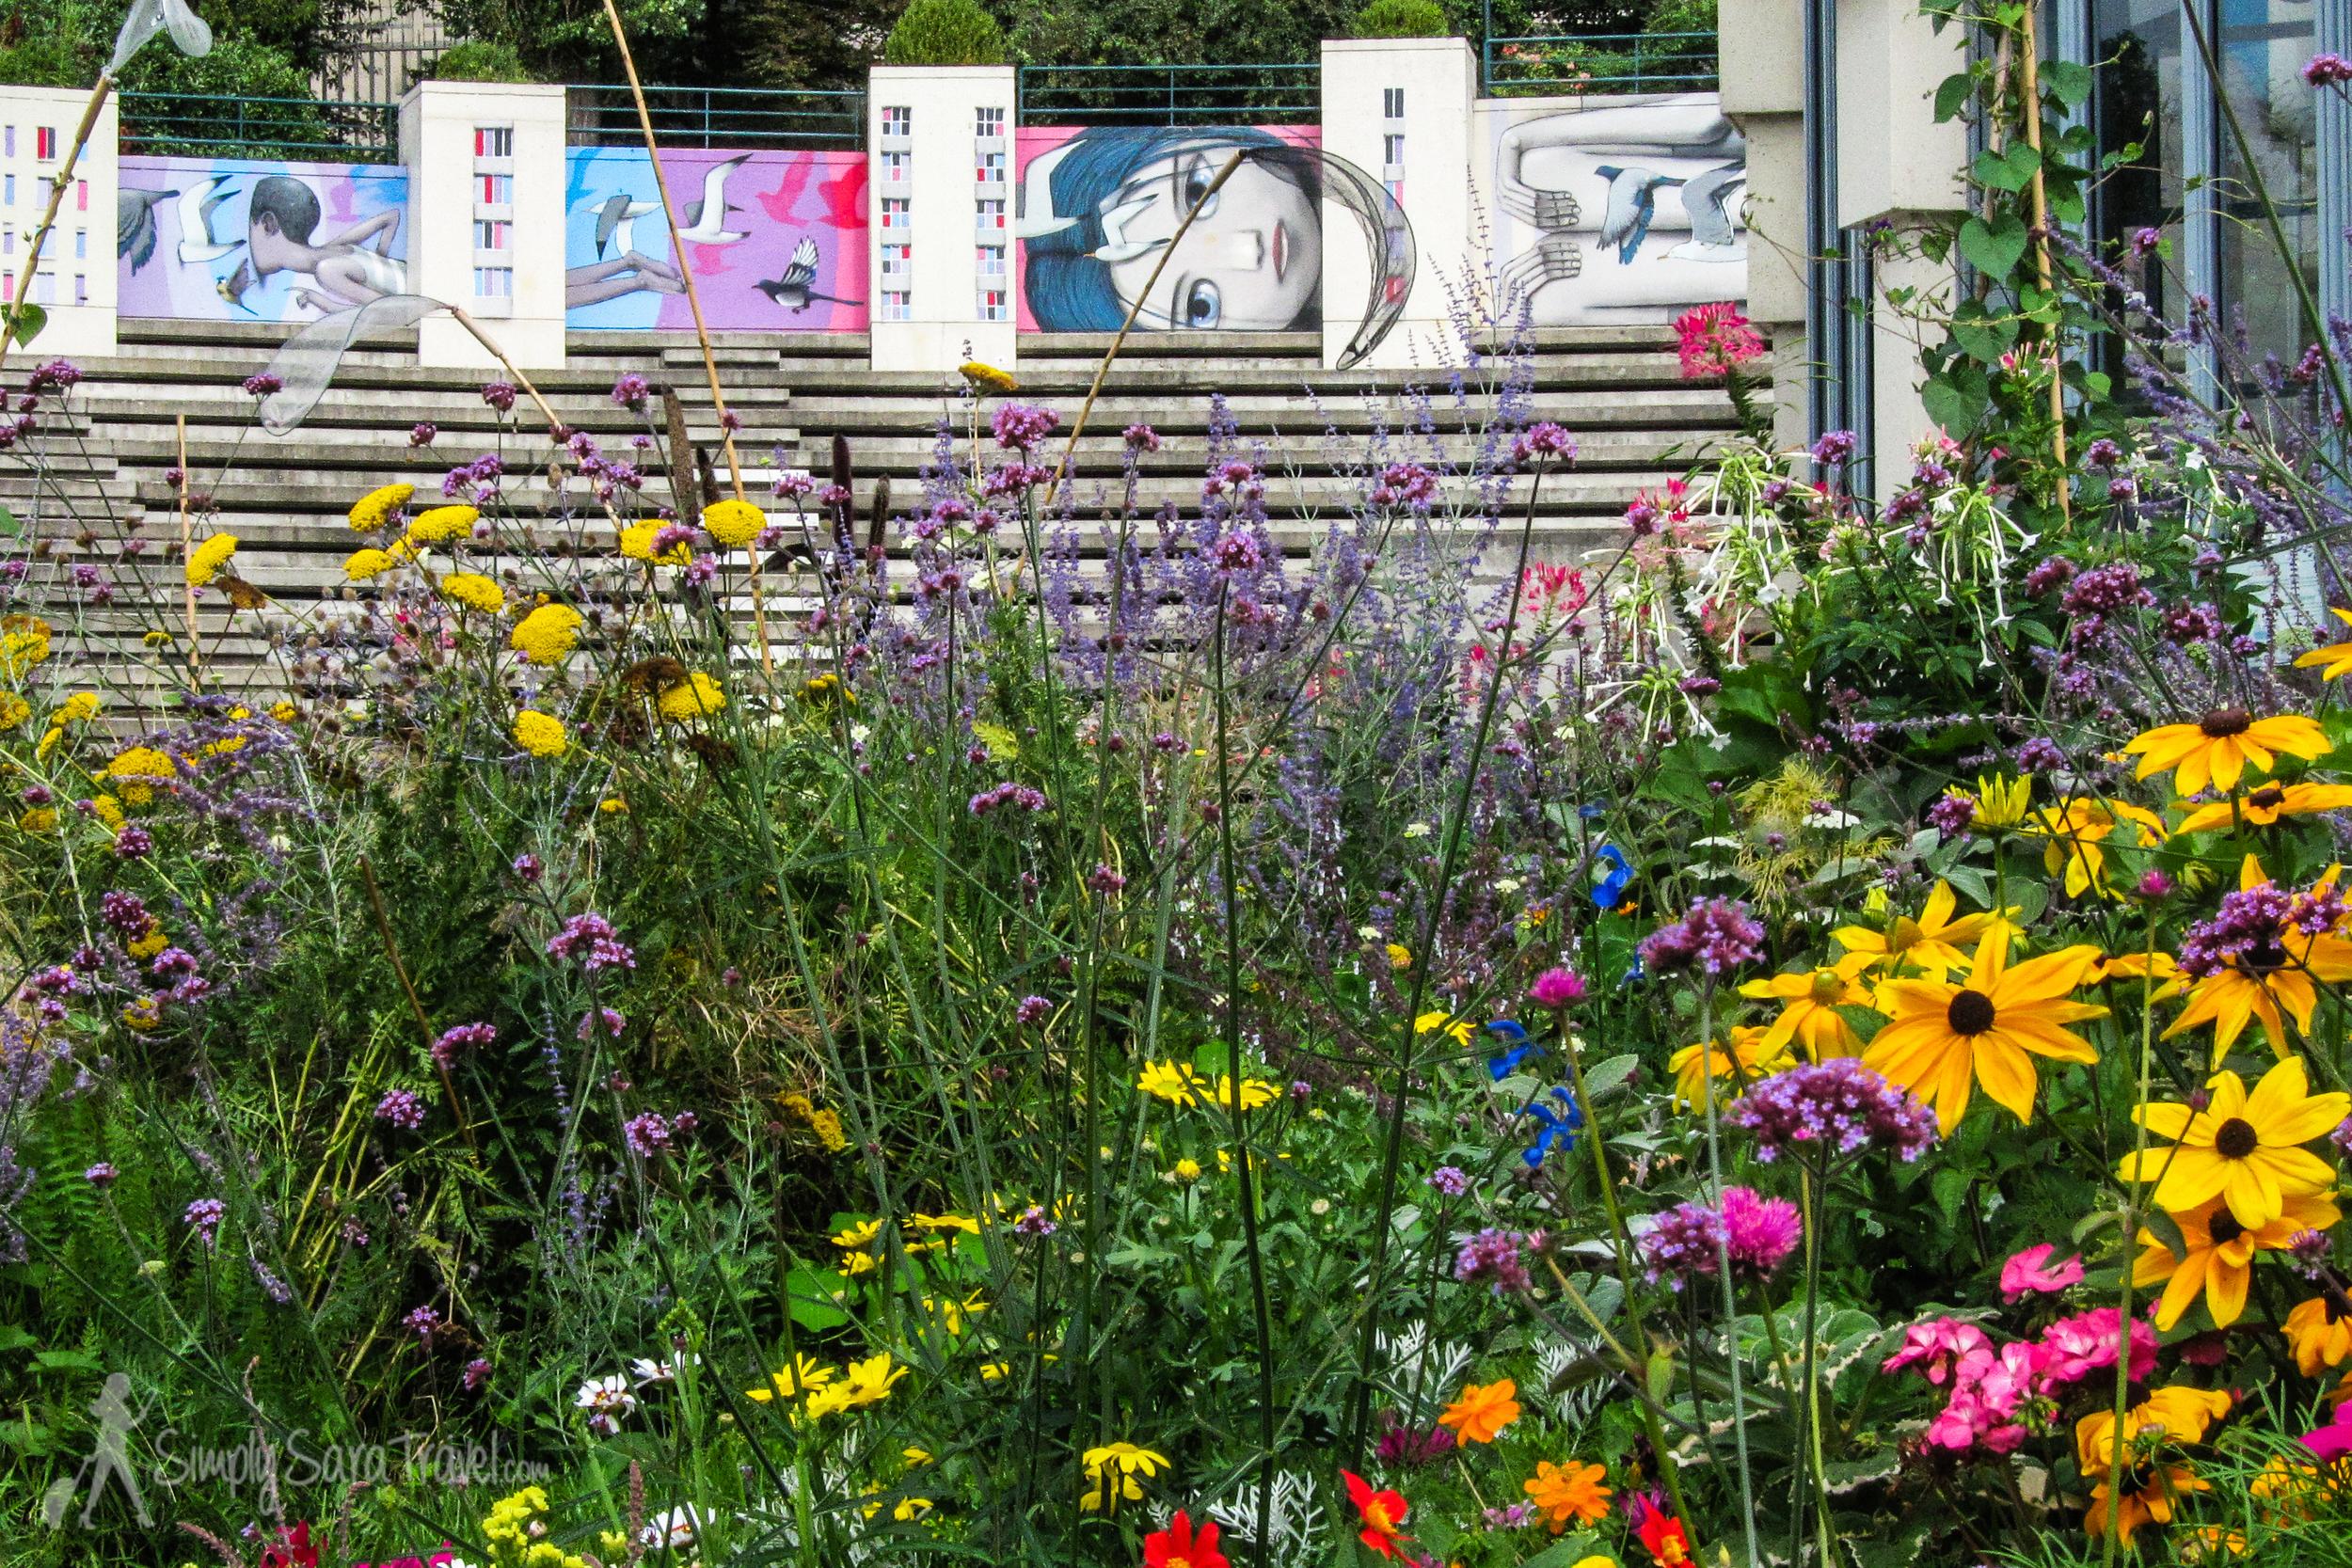 Street art and flowers at Parc de Belleville